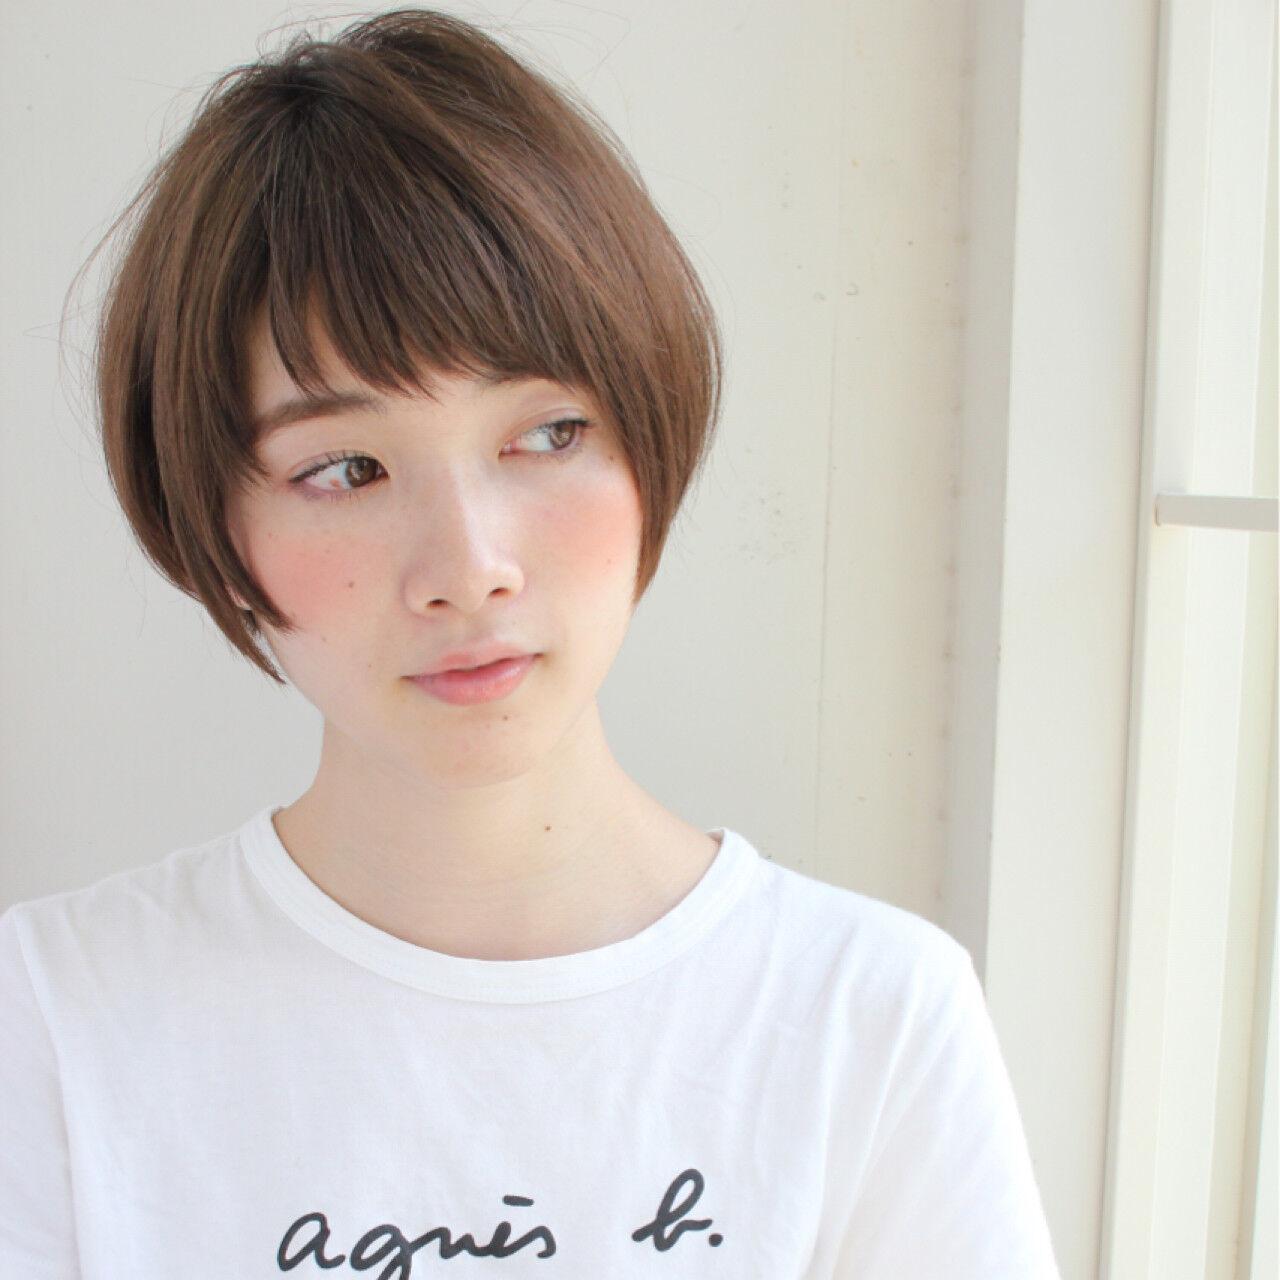 前髪あり スポーツ ナチュラル 大人女子ヘアスタイルや髪型の写真・画像